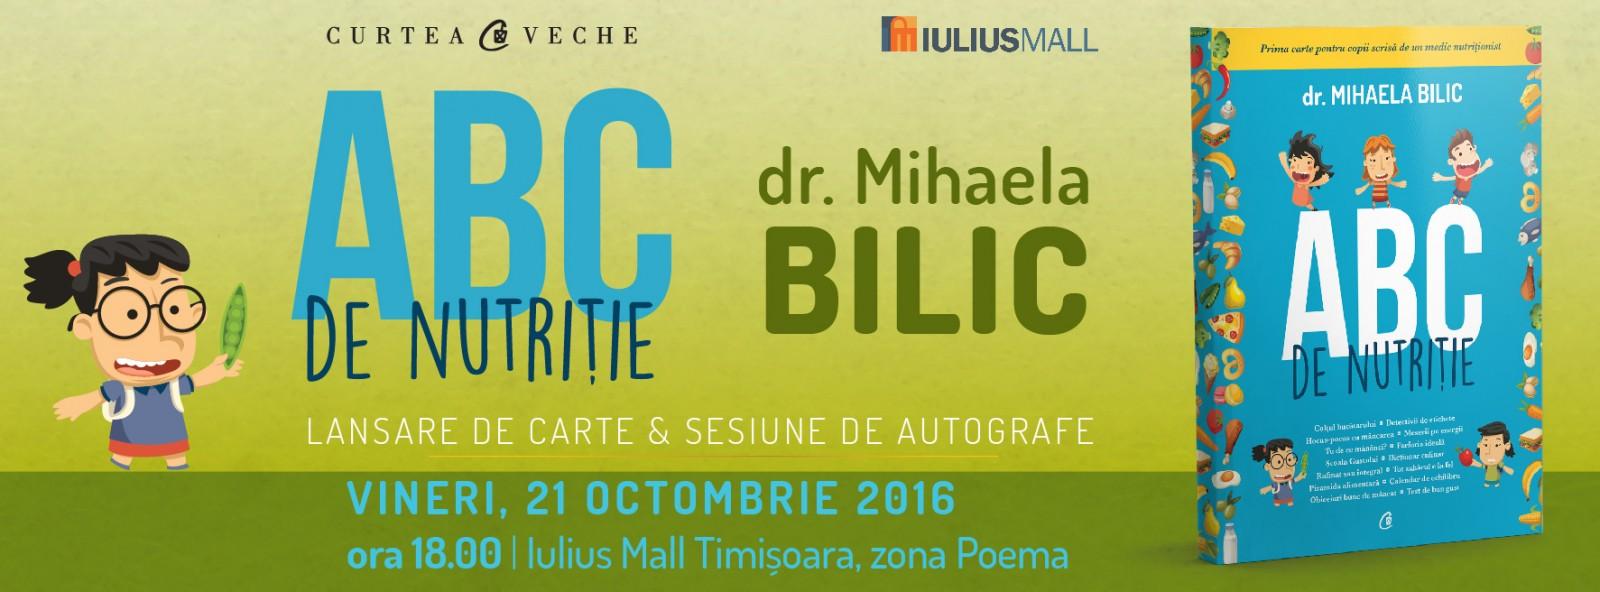 Mihaela Bilic, conferință despre nutriție la Timișoara